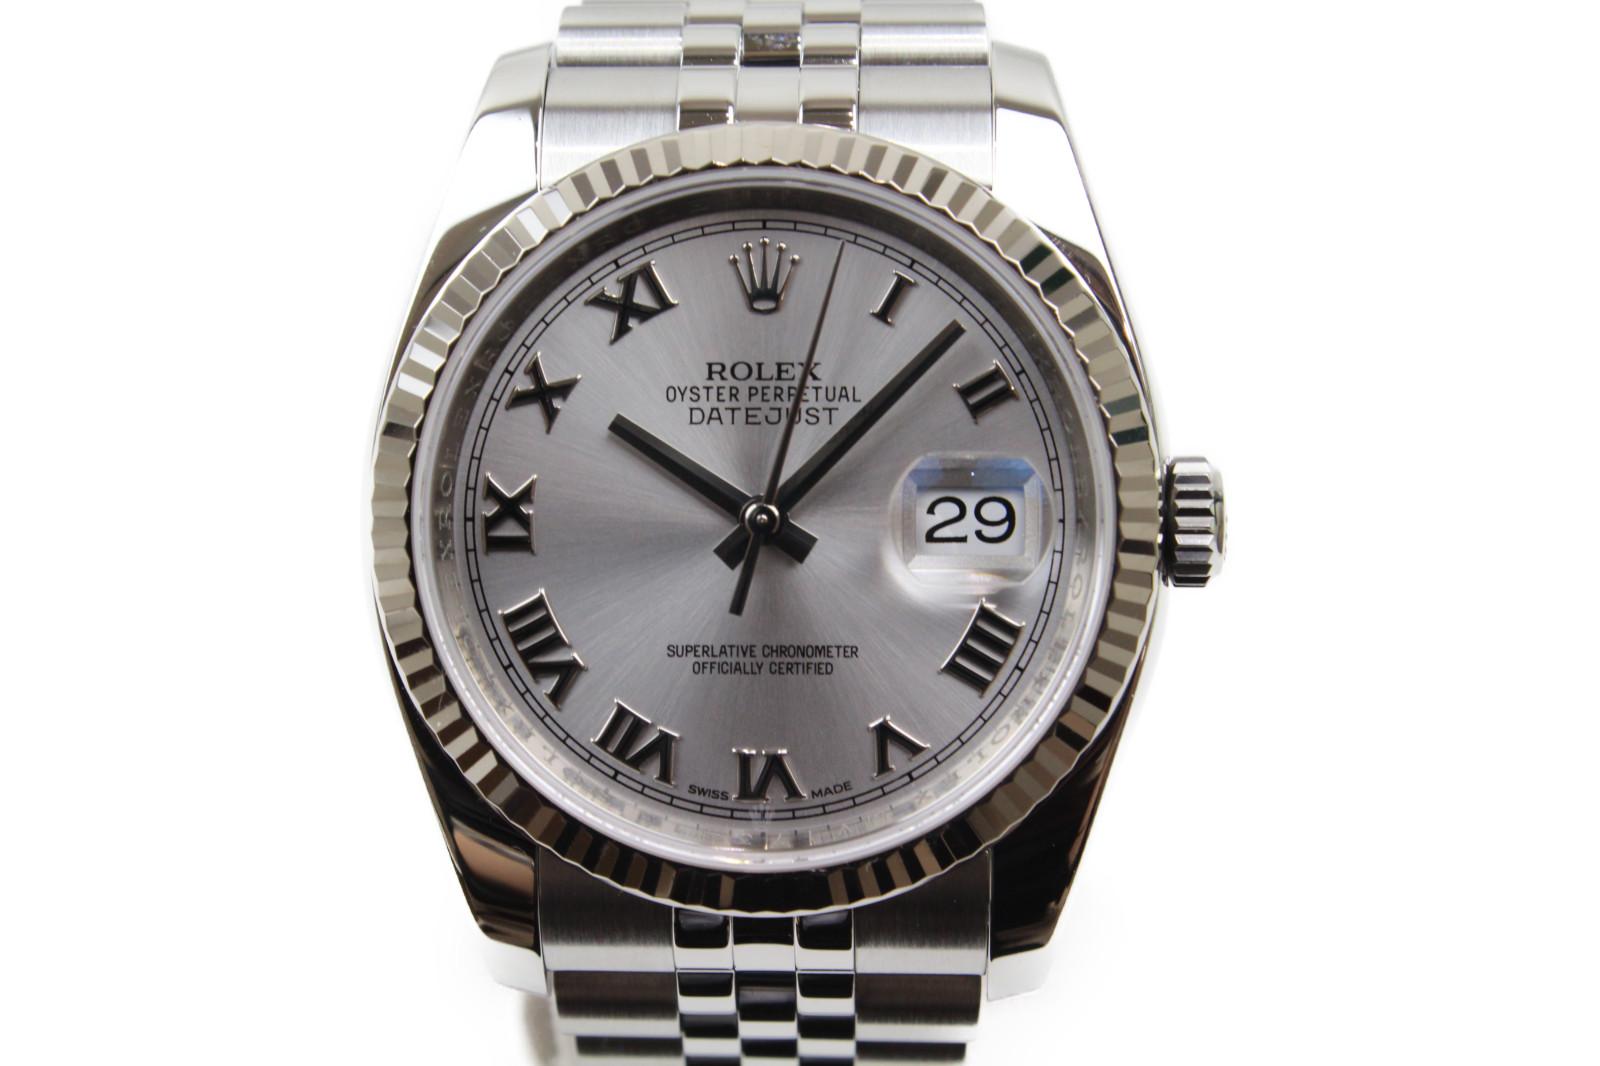 【ギャラ有】ROLEX ロレックス デイトジャスト 116234 ランダム 自動巻き デイト WG ホワイトゴールド SS ステンレススチール メンズ 腕時計【中古】